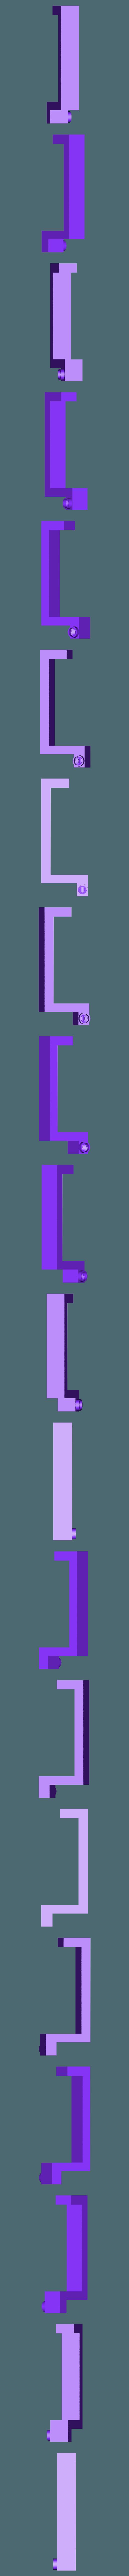 indicator_holder.STL Télécharger fichier STL gratuit Porte-cadran pour Ender 3 • Design à imprimer en 3D, vvvvvv